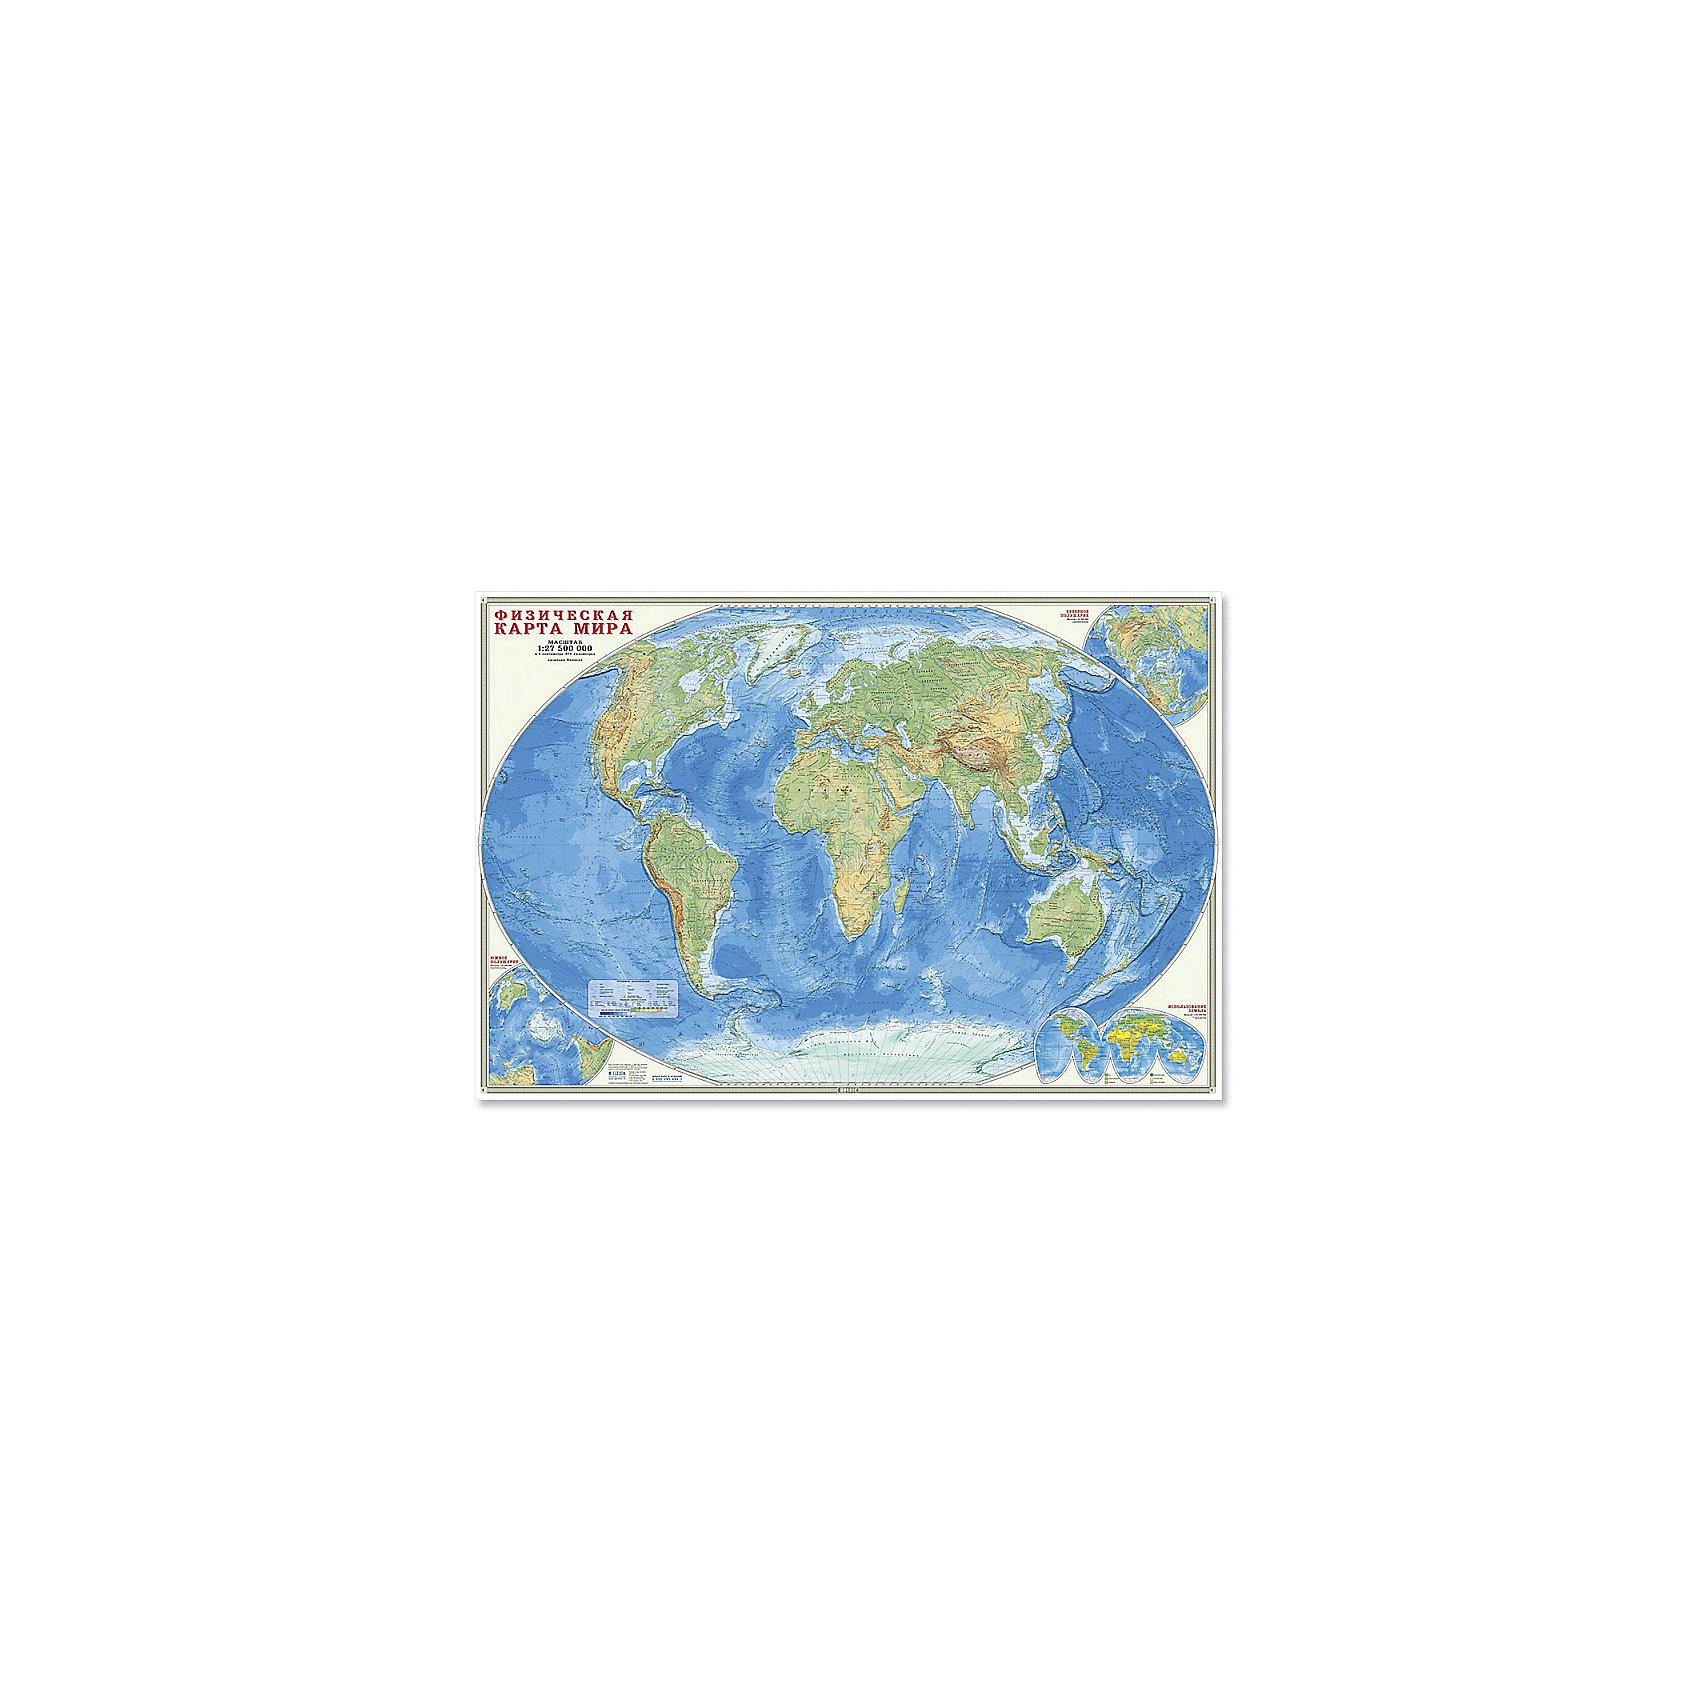 Настенная карта Мир Физический М1:27,5 млн, 101*69 см, ламинированнаяФизическая карта мира передает внешний облик суши и акваторий всей планеты в обзорном масштабе.  На карте подробно отражены рельеф и гидрография, а также пески, солончаки, болота, вулканы, коралловые рифы, материковые льды и вечные снега, шельфовые ледники. Показаны значимые населённые пункты.<br>Даны карты-врезки Северного и Южного полушарий, карта использования земель.<br>Ламинированное покрытие придает краскам более насыщенный оттенок и обеспечивает карте долговечность.<br><br>Ширина мм: 1010<br>Глубина мм: 690<br>Высота мм: 1<br>Вес г: 130<br>Возраст от месяцев: 36<br>Возраст до месяцев: 2147483647<br>Пол: Унисекс<br>Возраст: Детский<br>SKU: 5422945